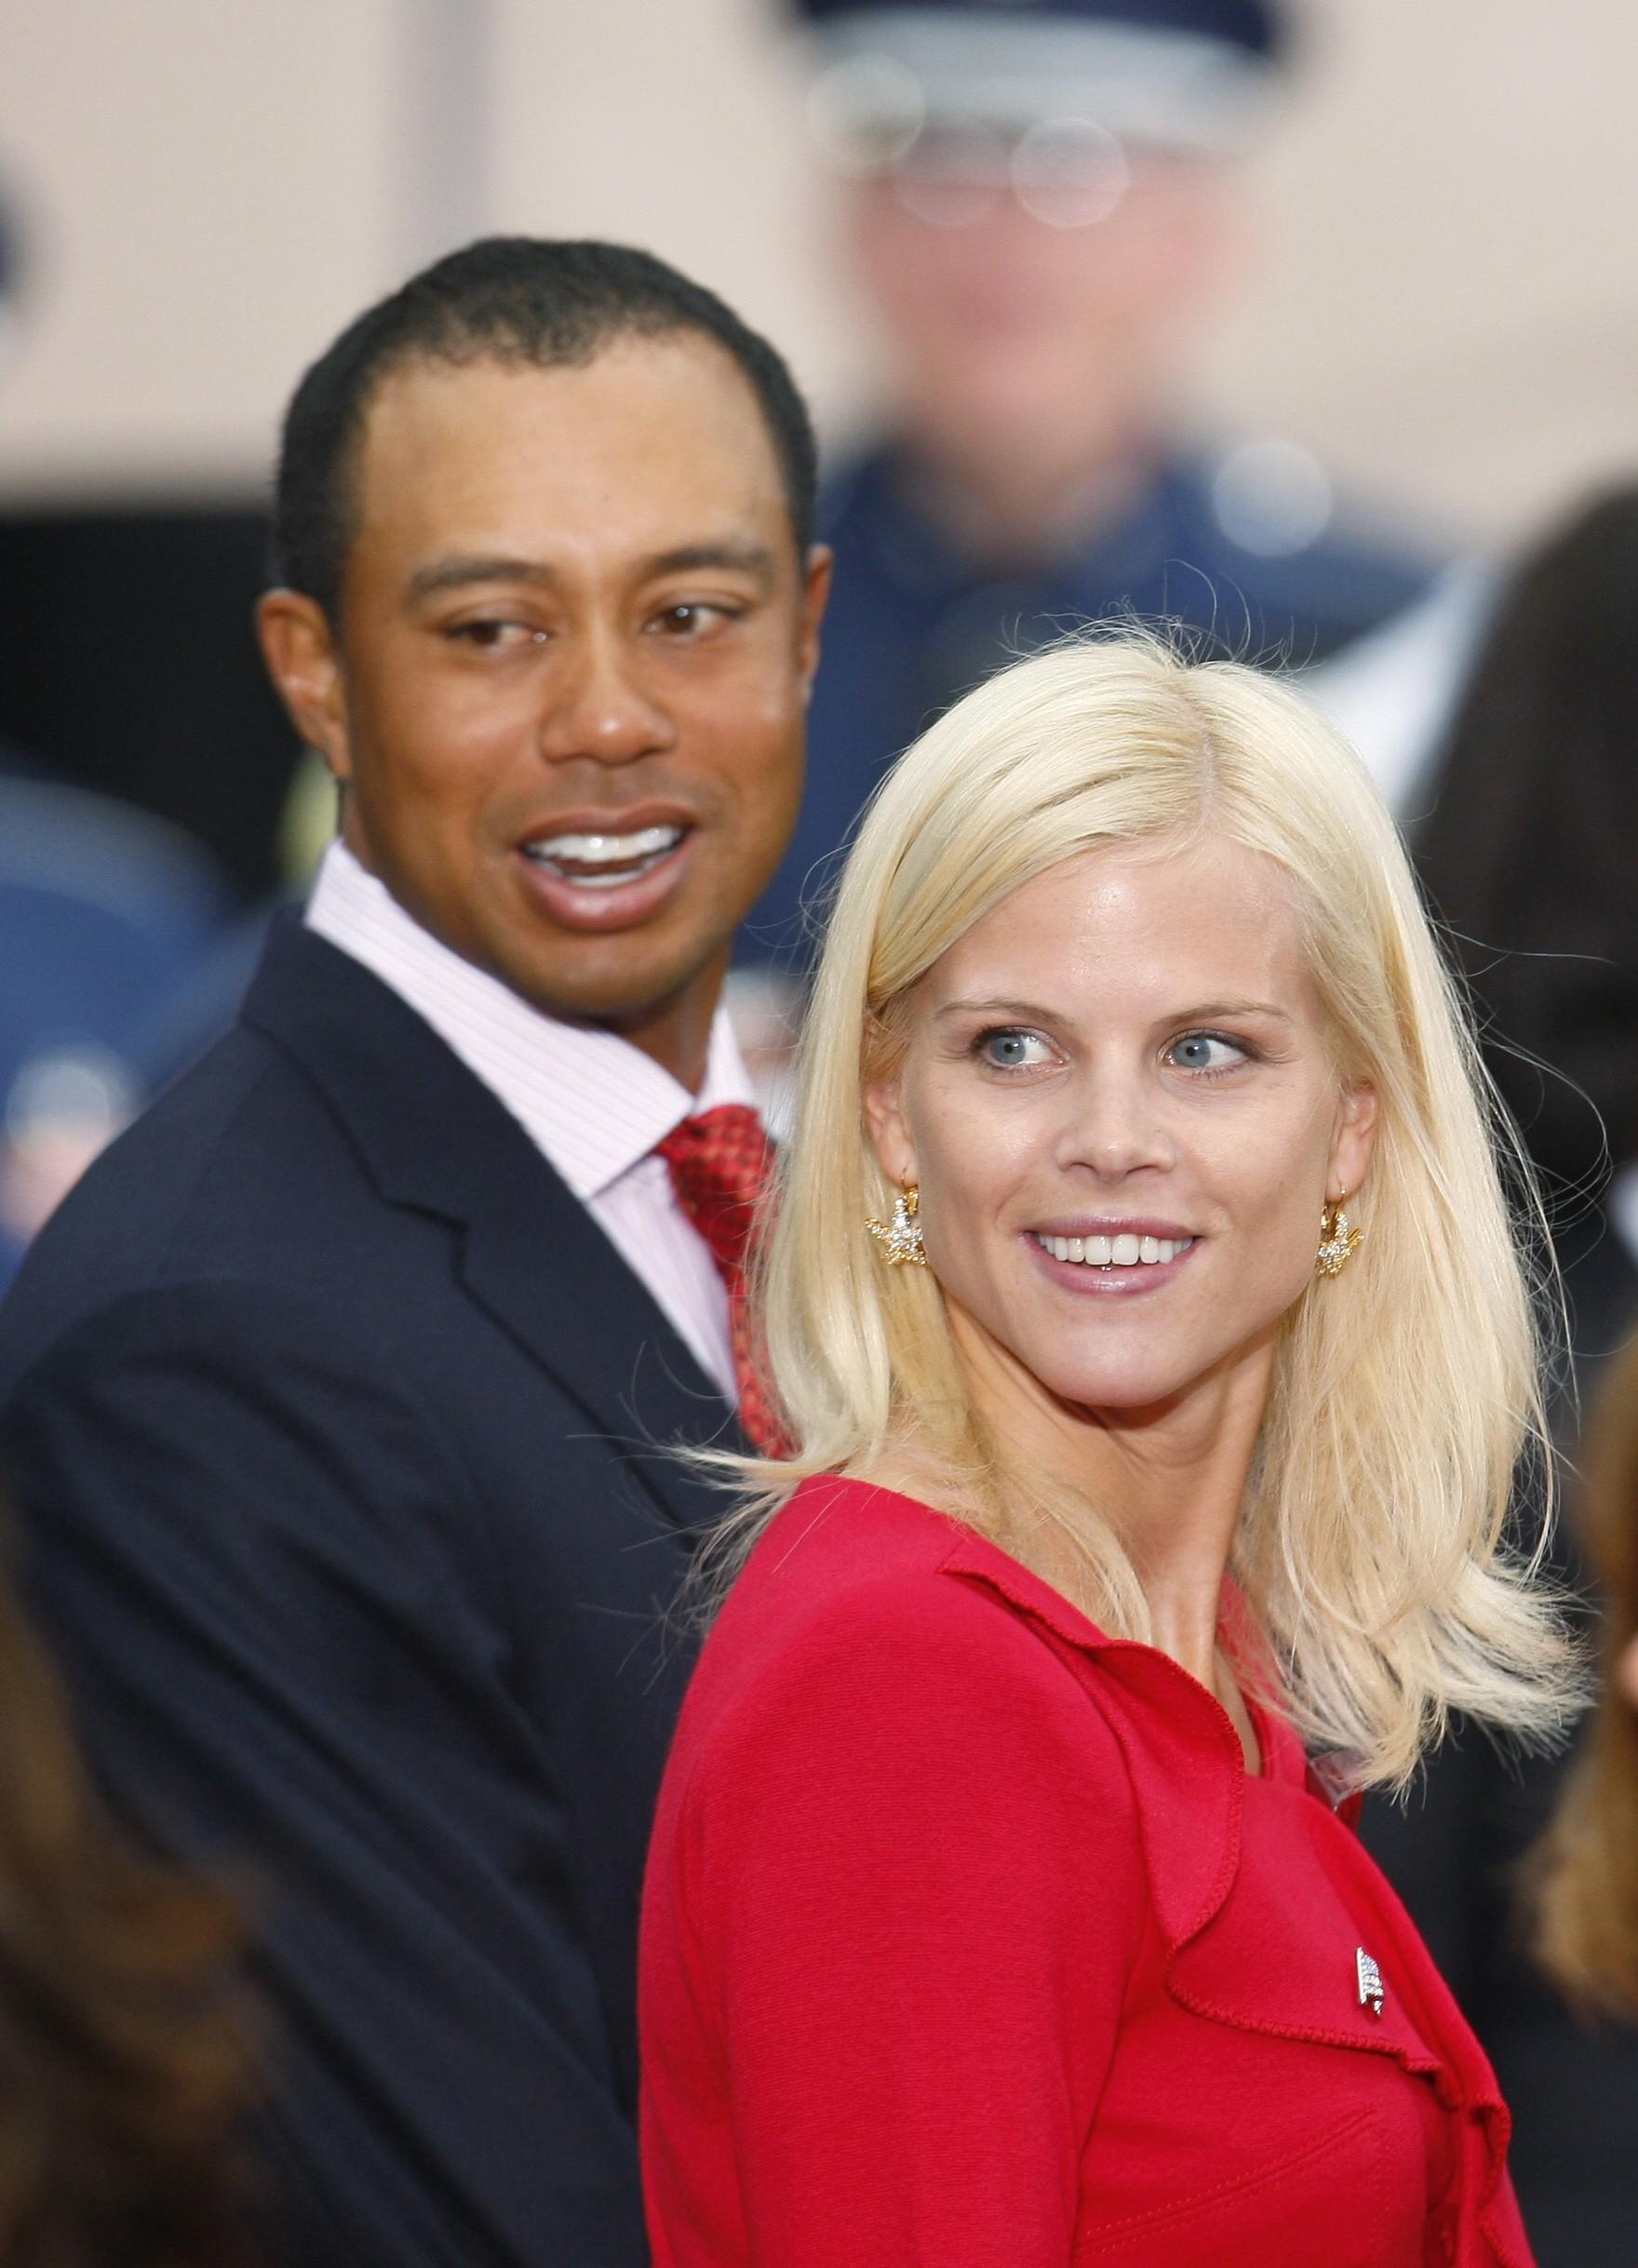 Tiger Woods and Elin Nordegren divorced in 2010